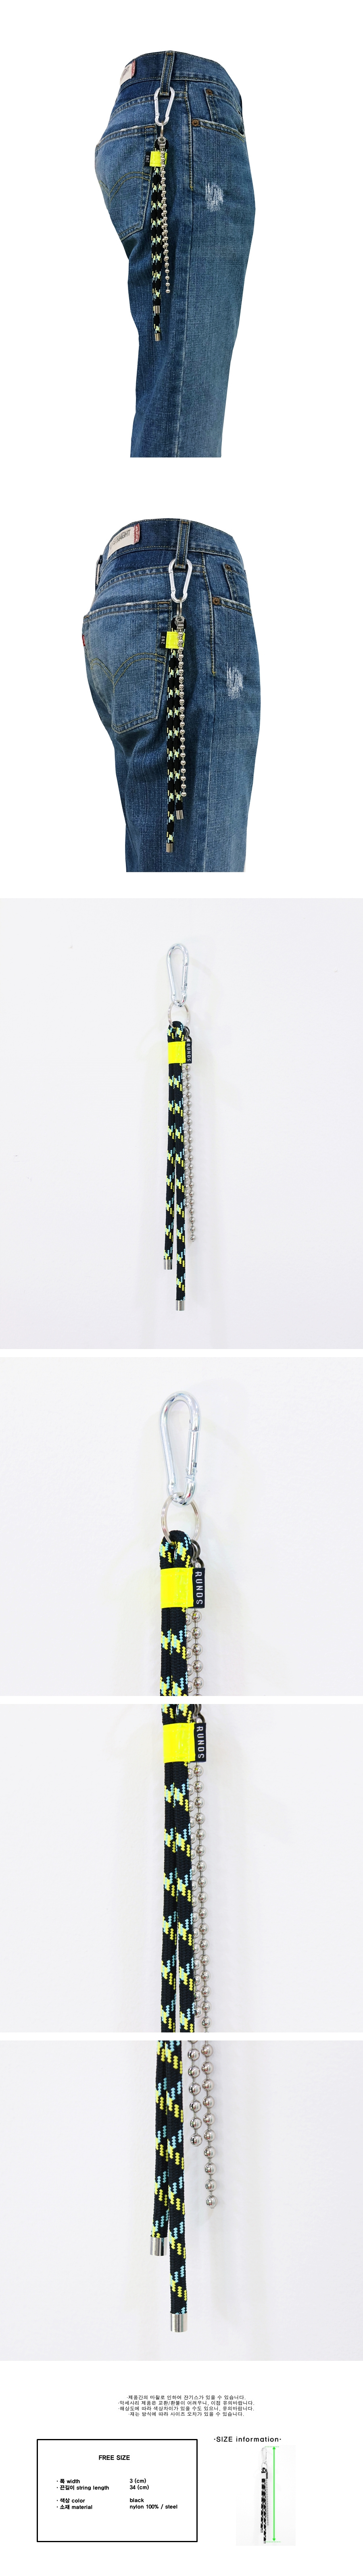 런디에스(RUNDS) 로프 플로리센트 키링 (2color)